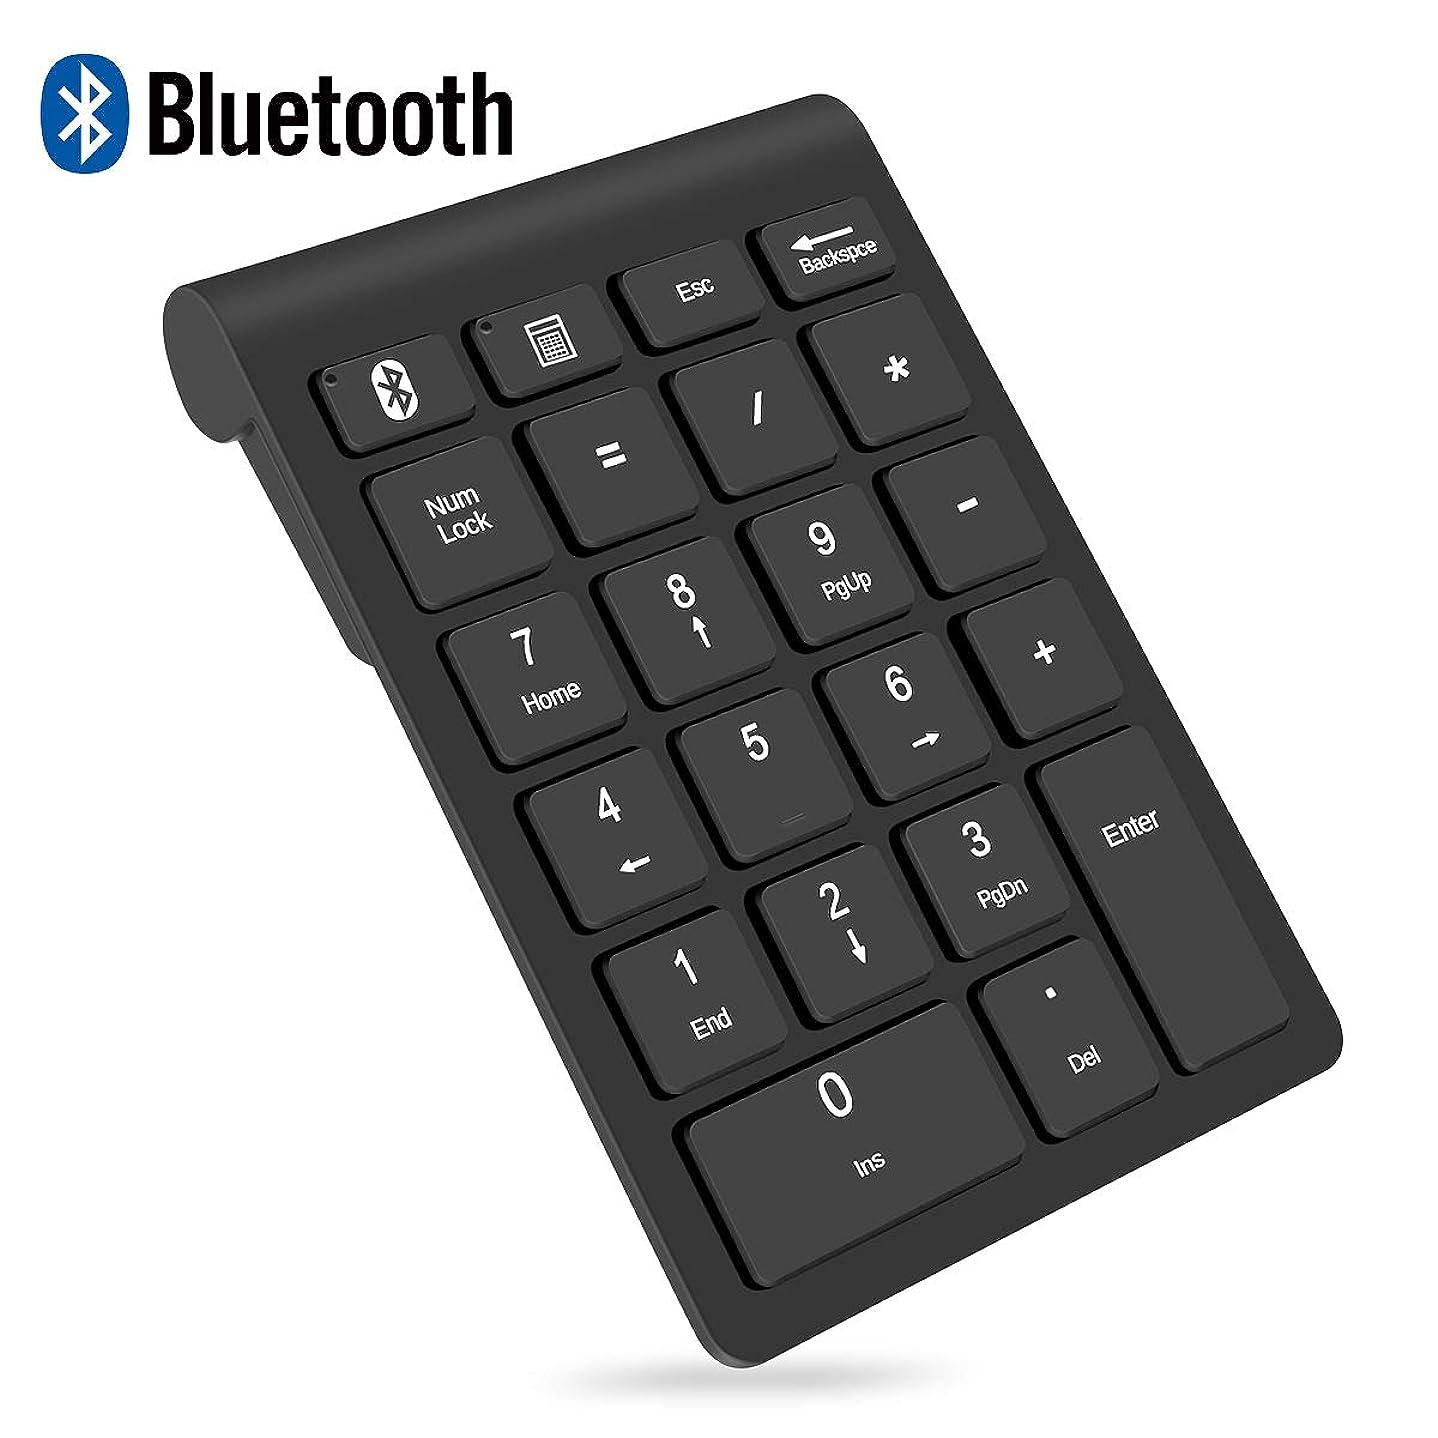 ストロークはい乳ゲーミングキーボード Logicool ロジクール G213 ブラック メンブレン RGB パームレスト 耐水性  国内正規品 2年間メーカー保証